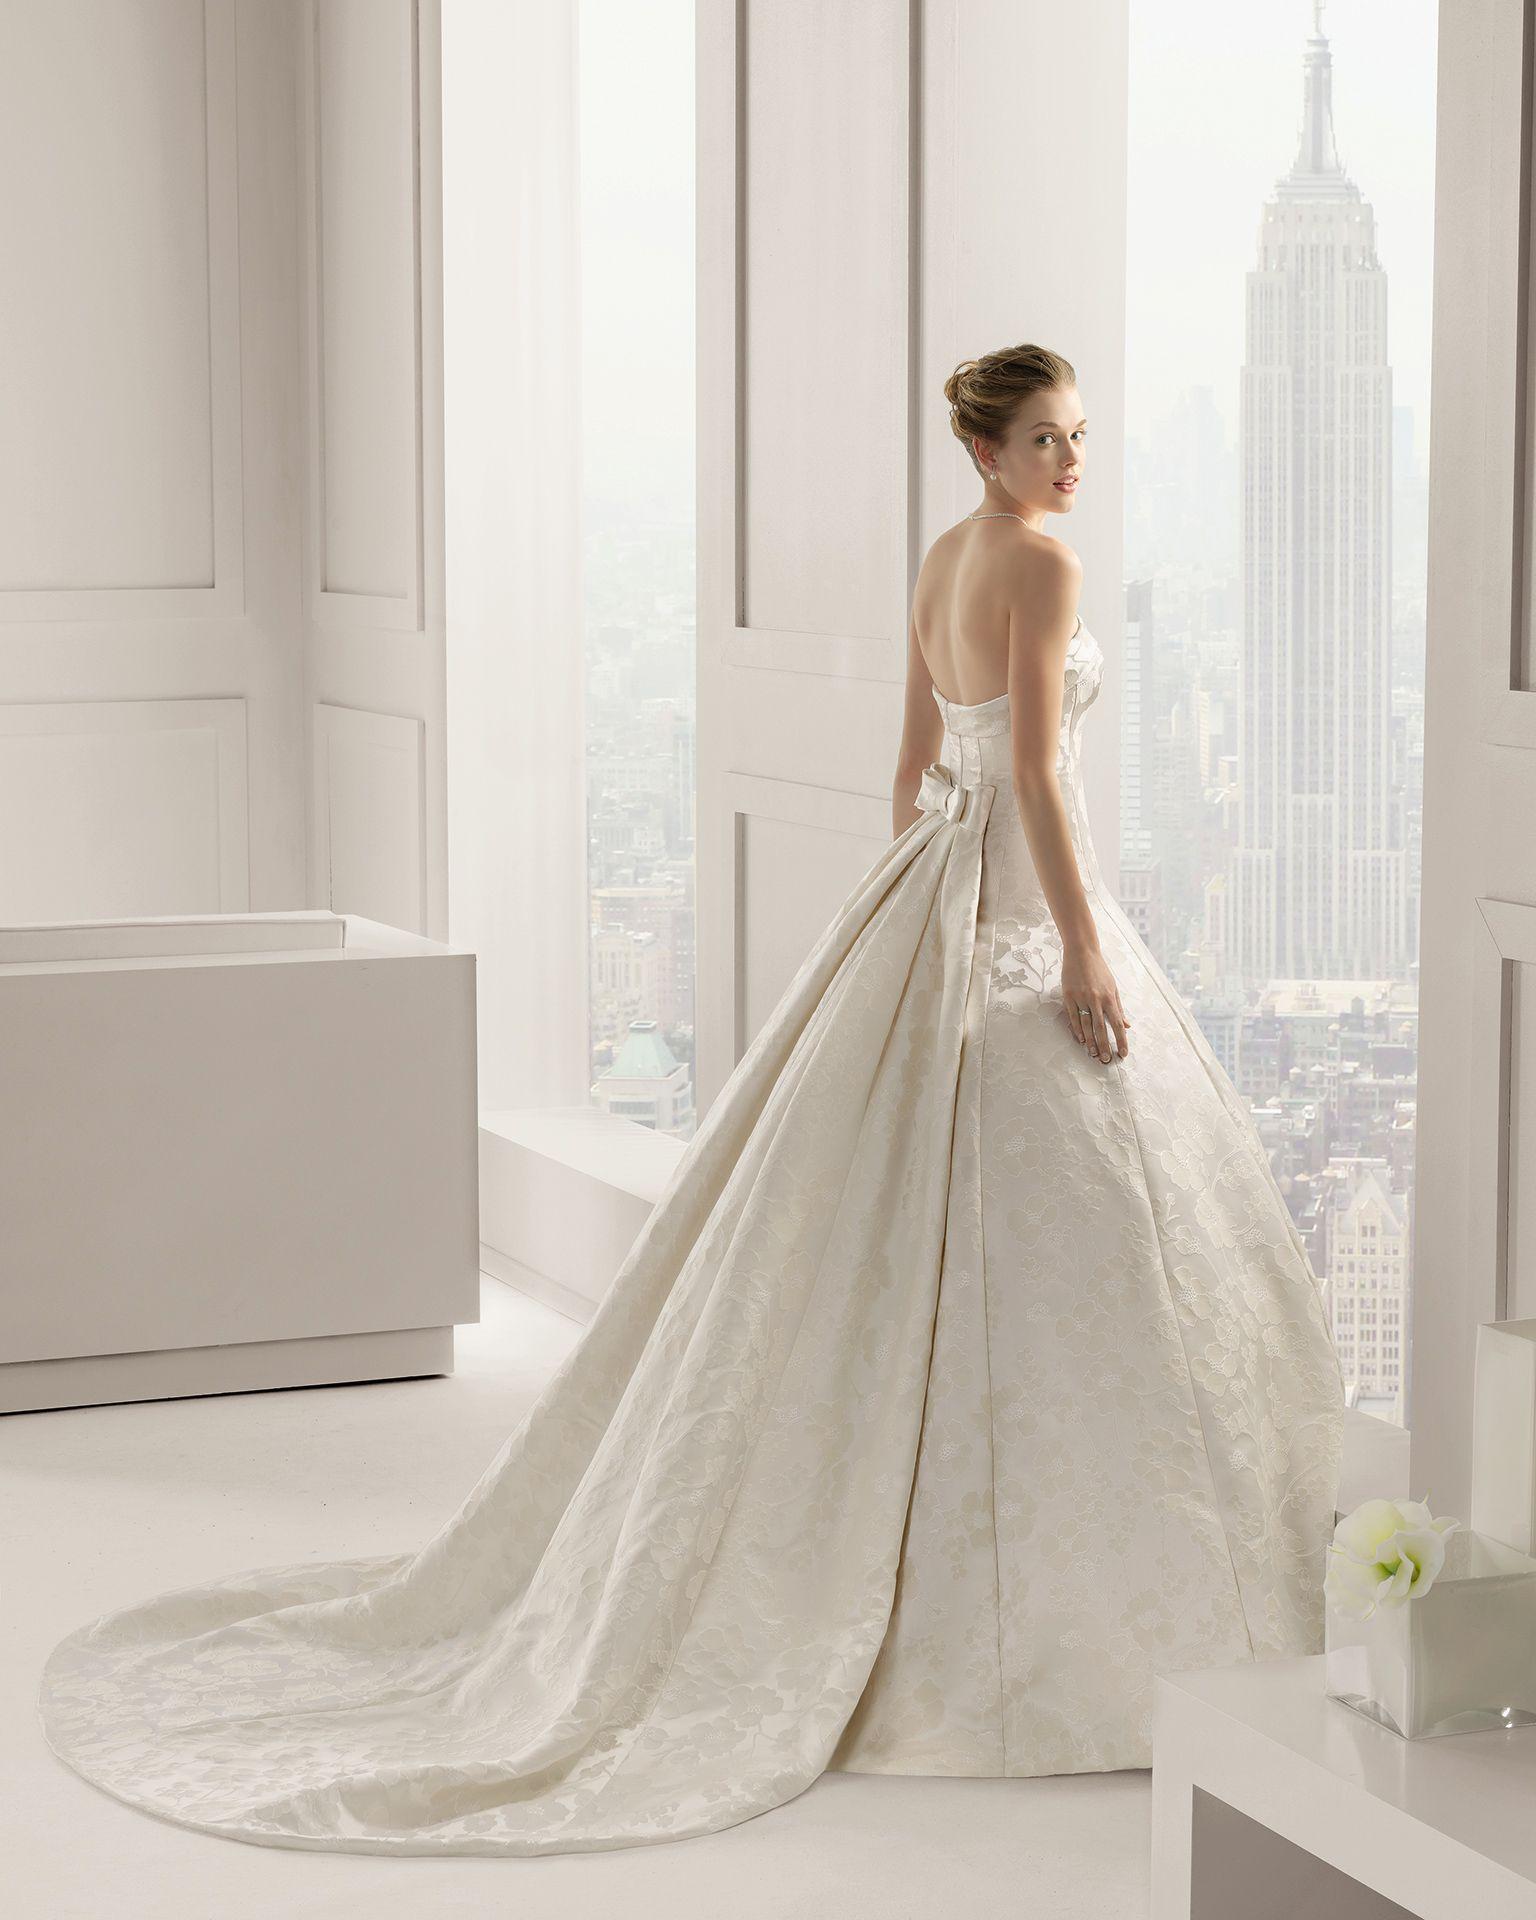 Vestidos de novia y vestidos de fiesta | Brocado de seda, Rosa clará ...